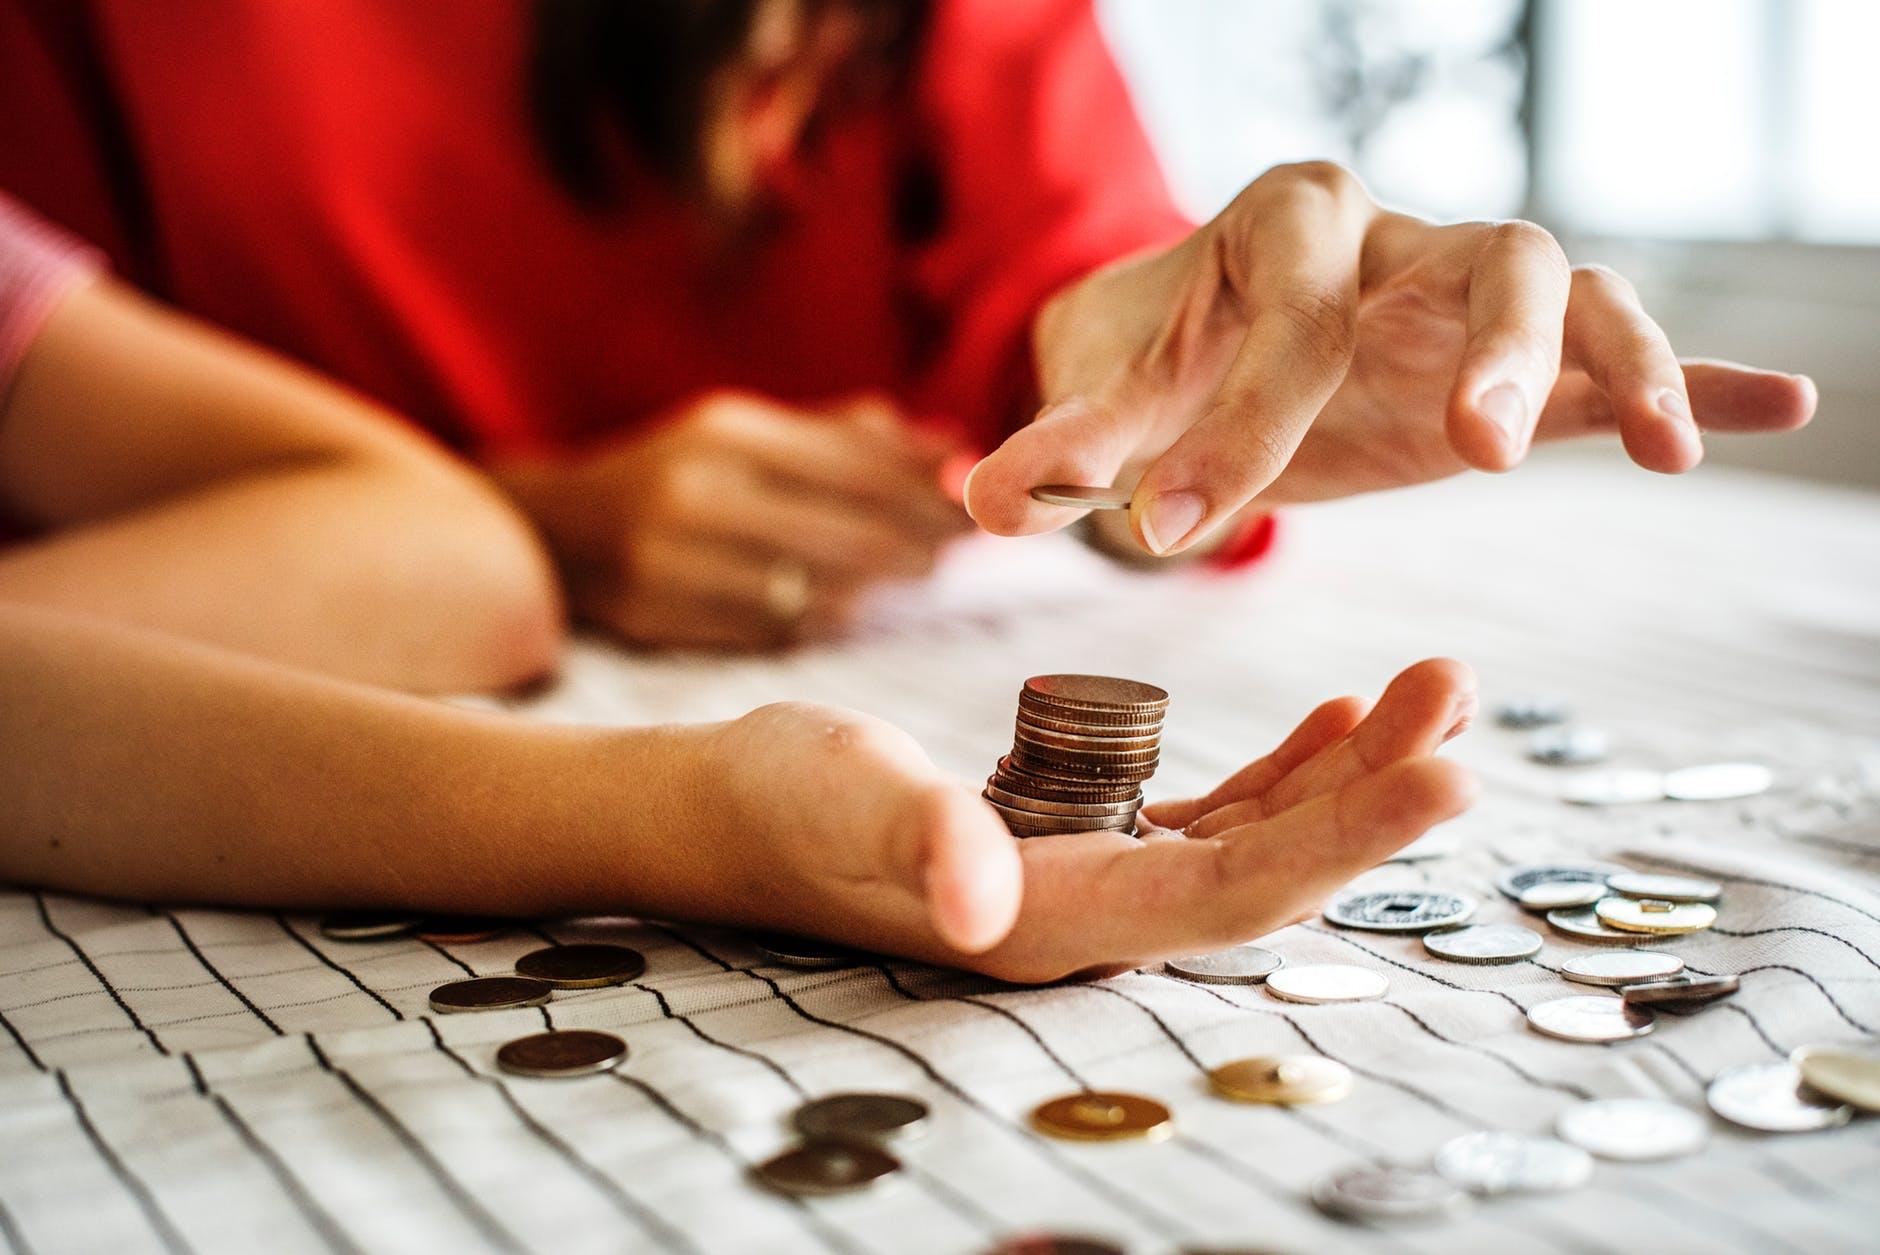 faceți bani cu mâinile repede